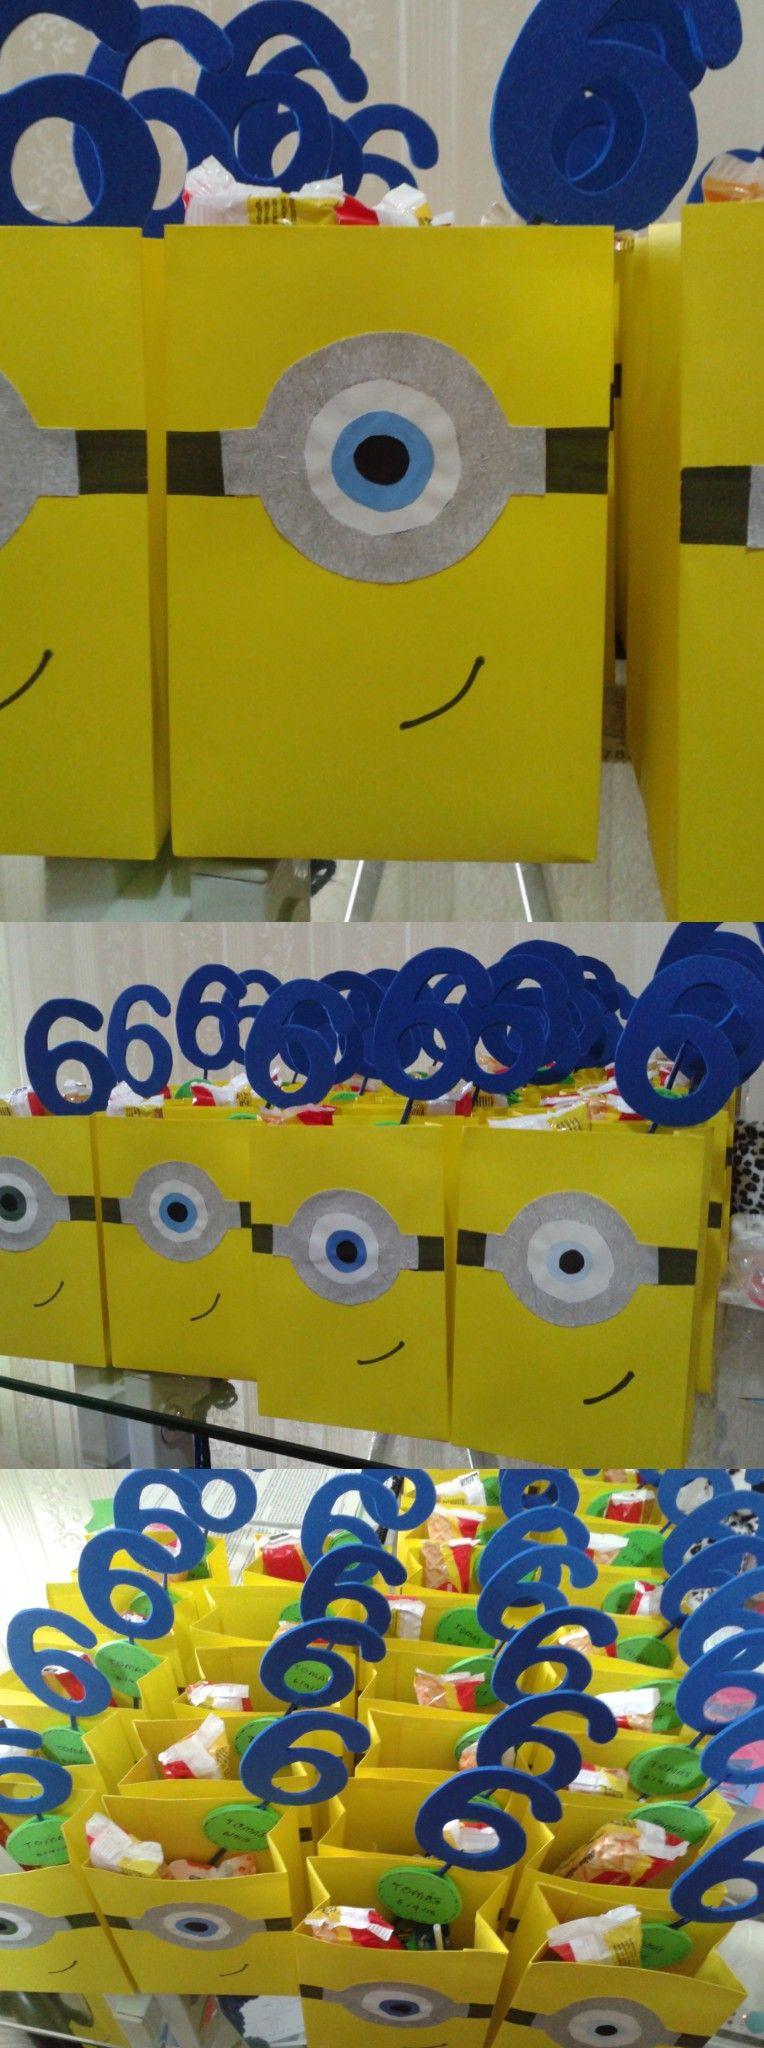 bolsitas sorpresitas de los minions para cumpleaos infantil ideas sorpresitas recuerdos